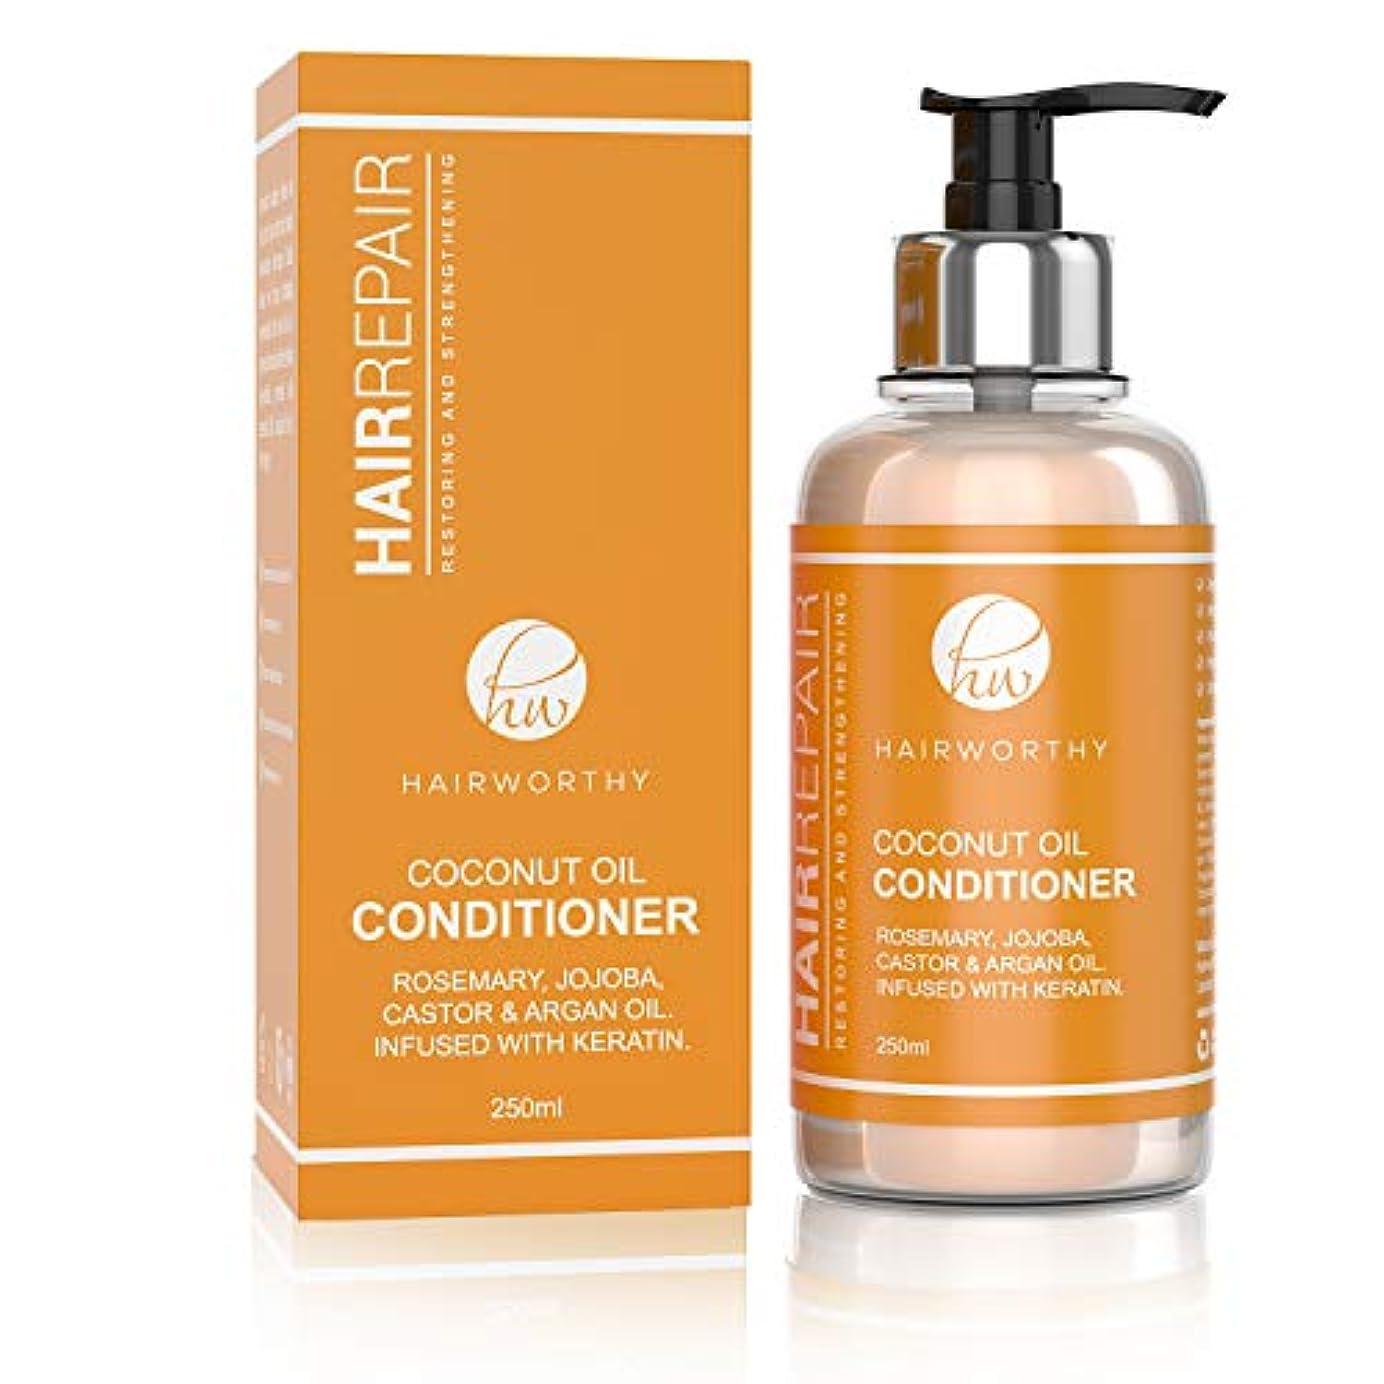 ブラジャー商業の聴衆Hairworthy Hairrepair ヘアリペアココナッツオイルコンディショナー-ローズマリー、ホホバ、ヒマシ油、アルガンオイル。ケラチンを注入します。